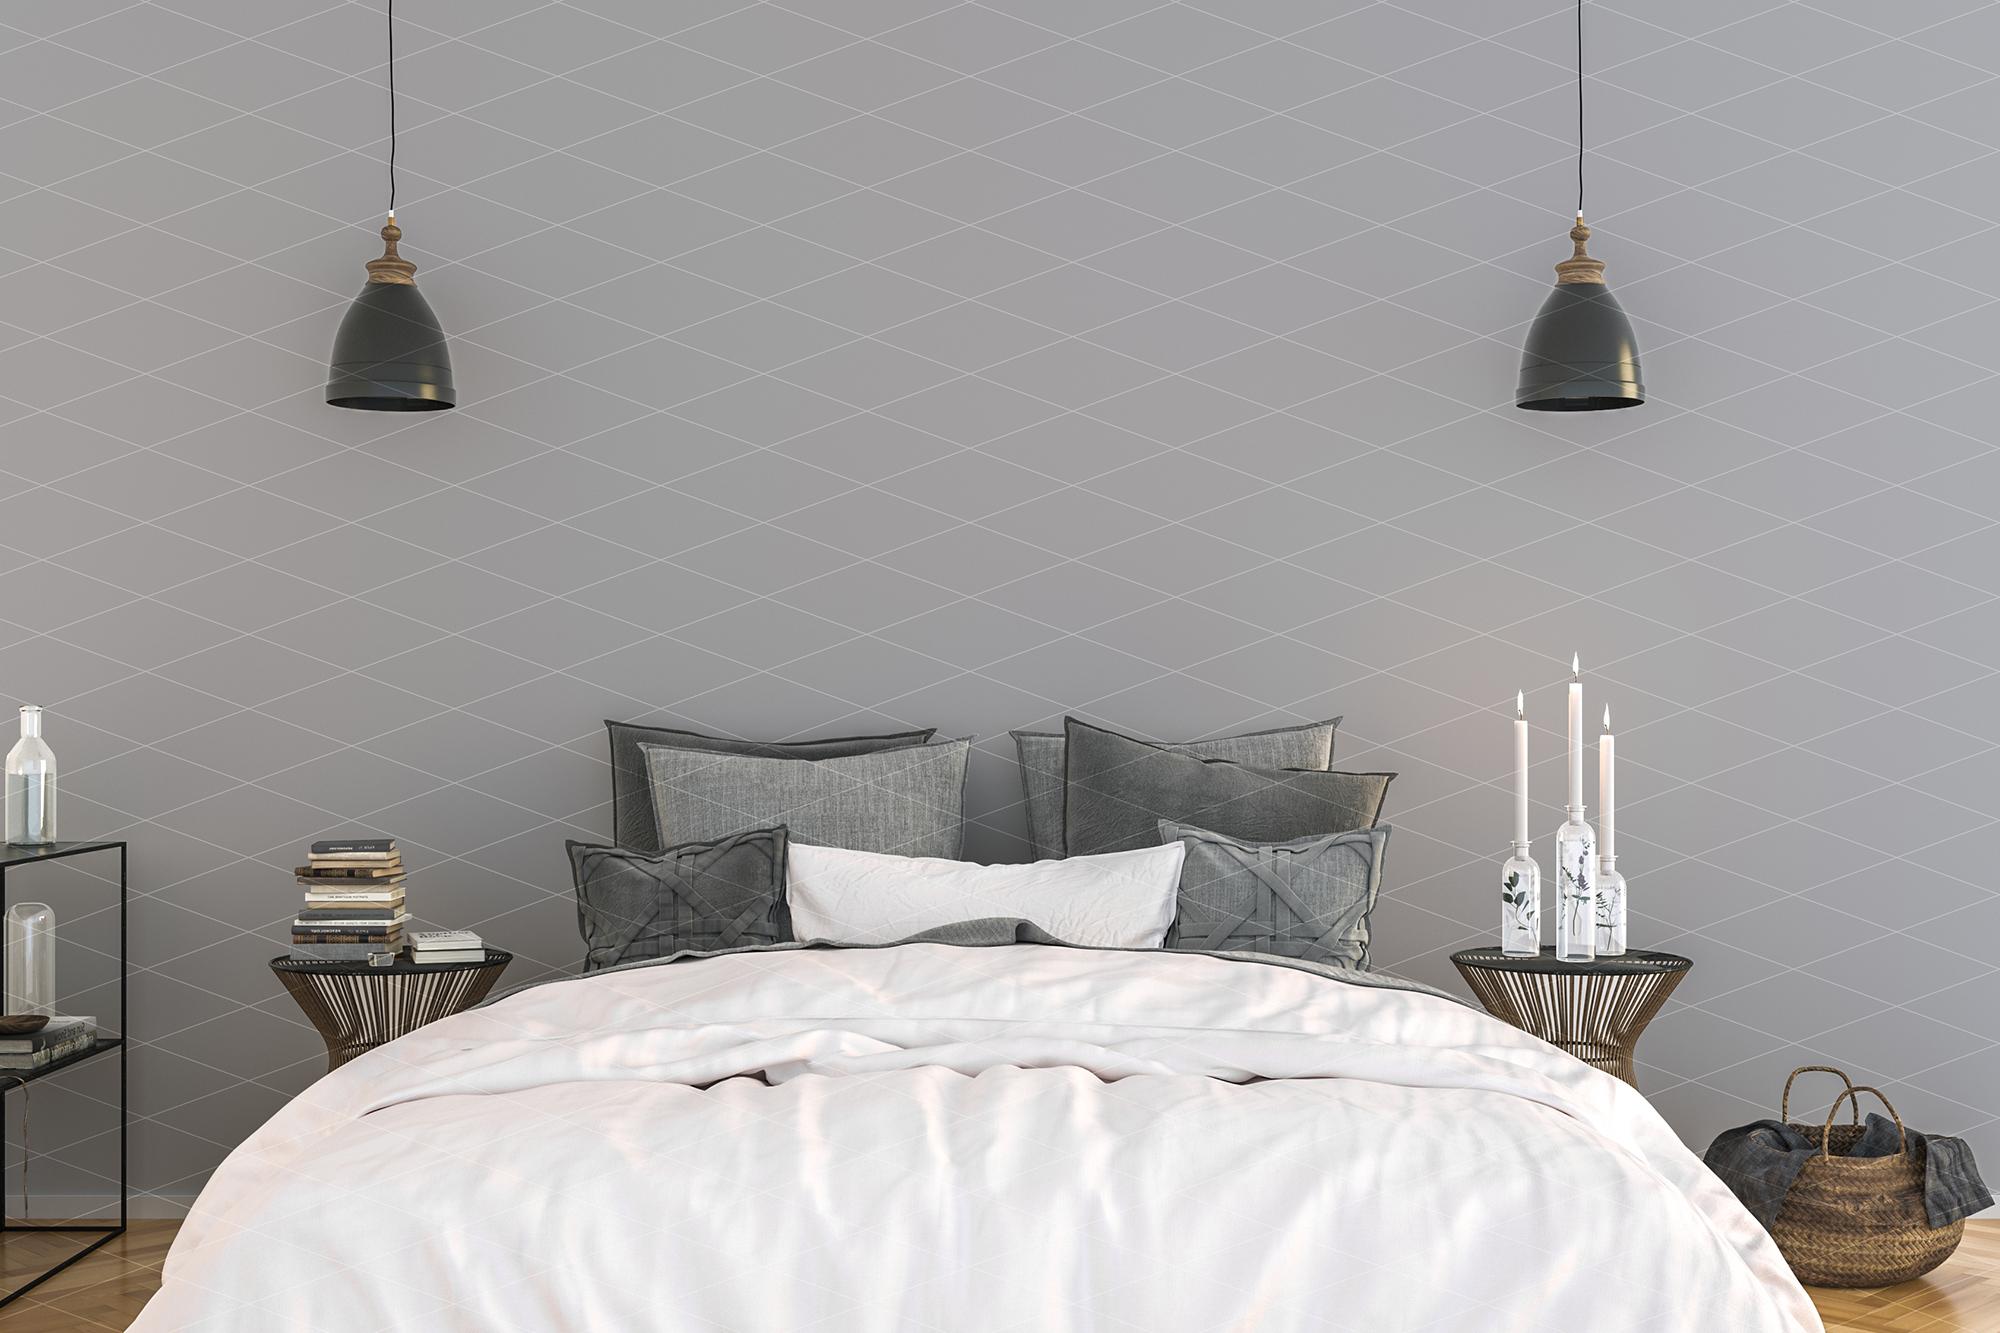 Wall mockup - wallpaper mock up example image 2